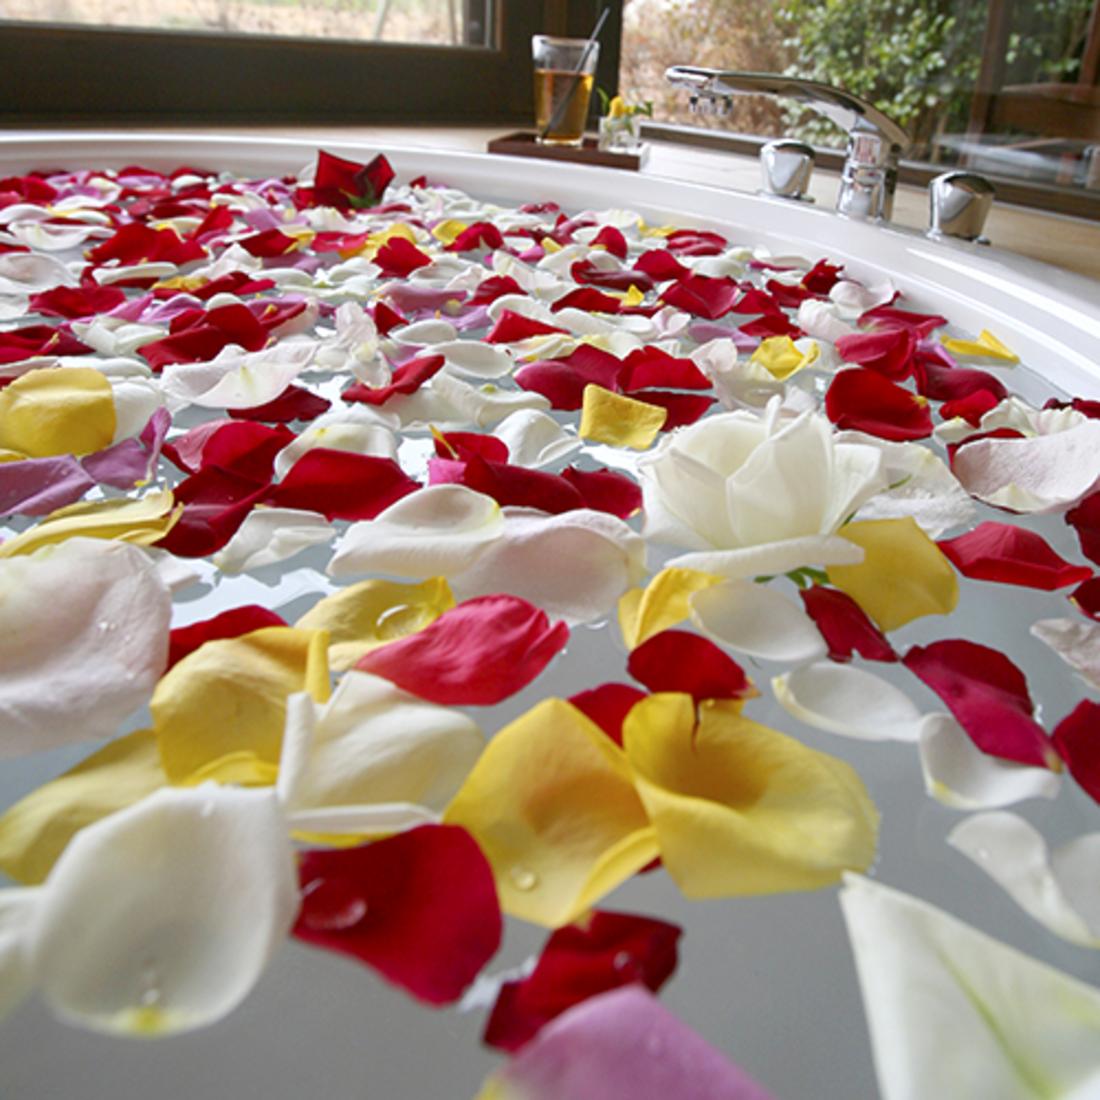 Hablis Hotel Chennai Chennai rose-petal-bath Spa Hablis Hotel Chennai